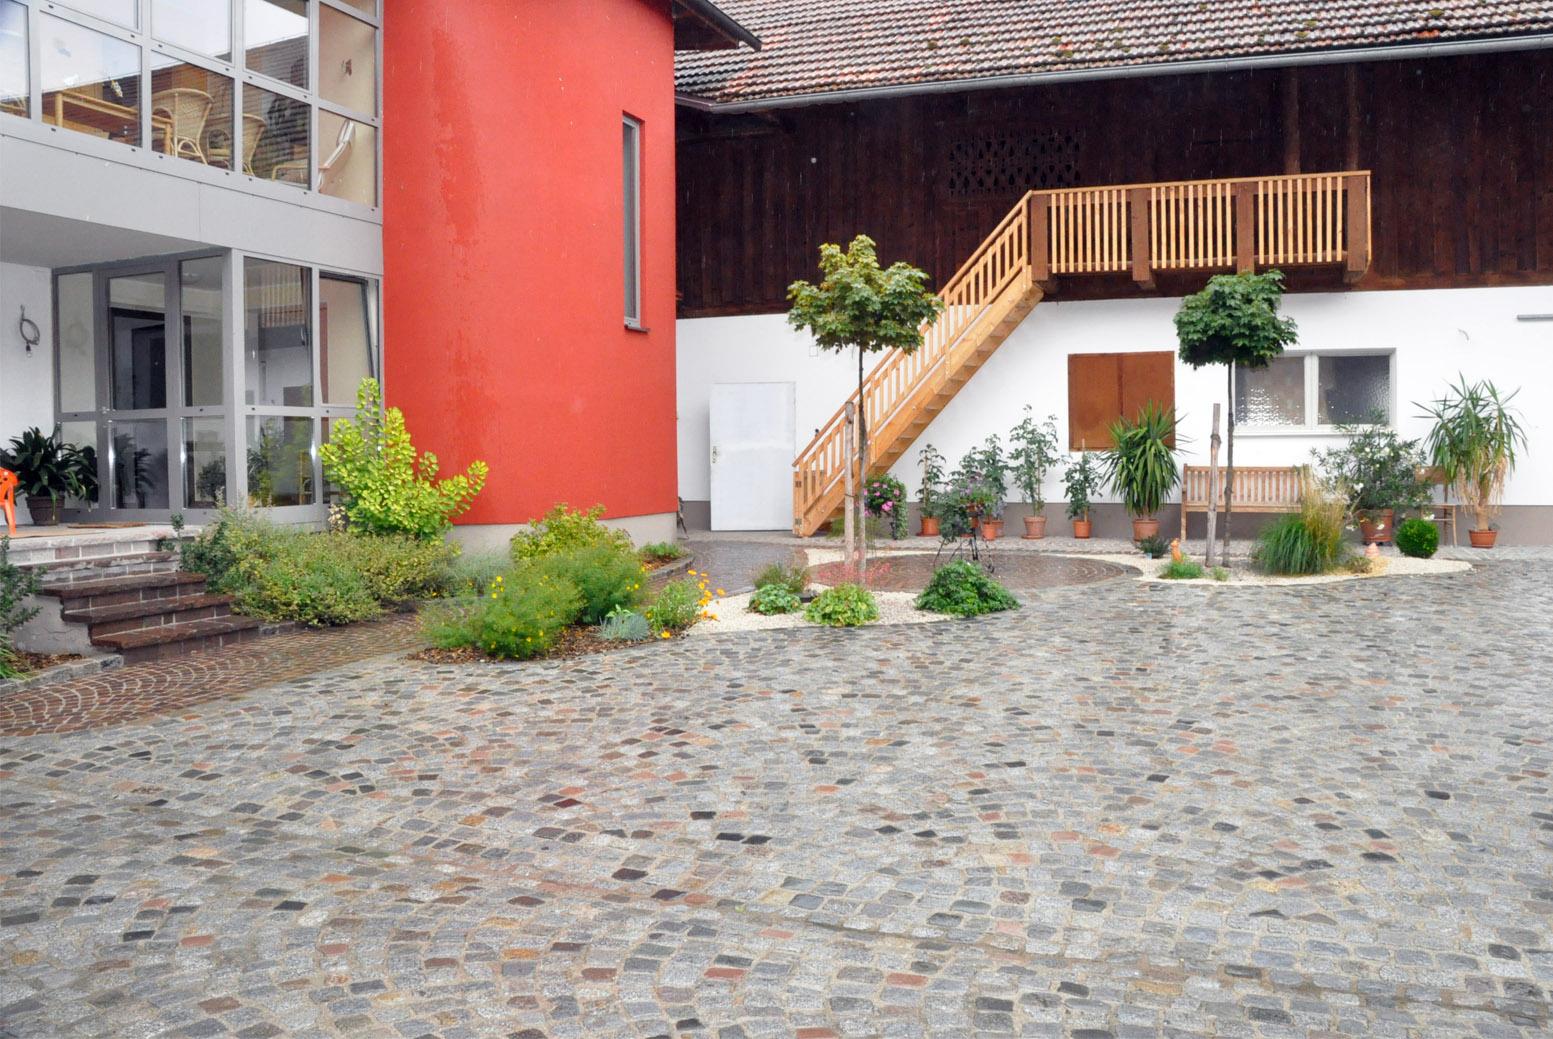 Höfe, Innenhöfe, Bauernhöfe, Plätze, Pflasterungen, Natursteinpflaster, Innviertel, Oberösterreich, Salzburg